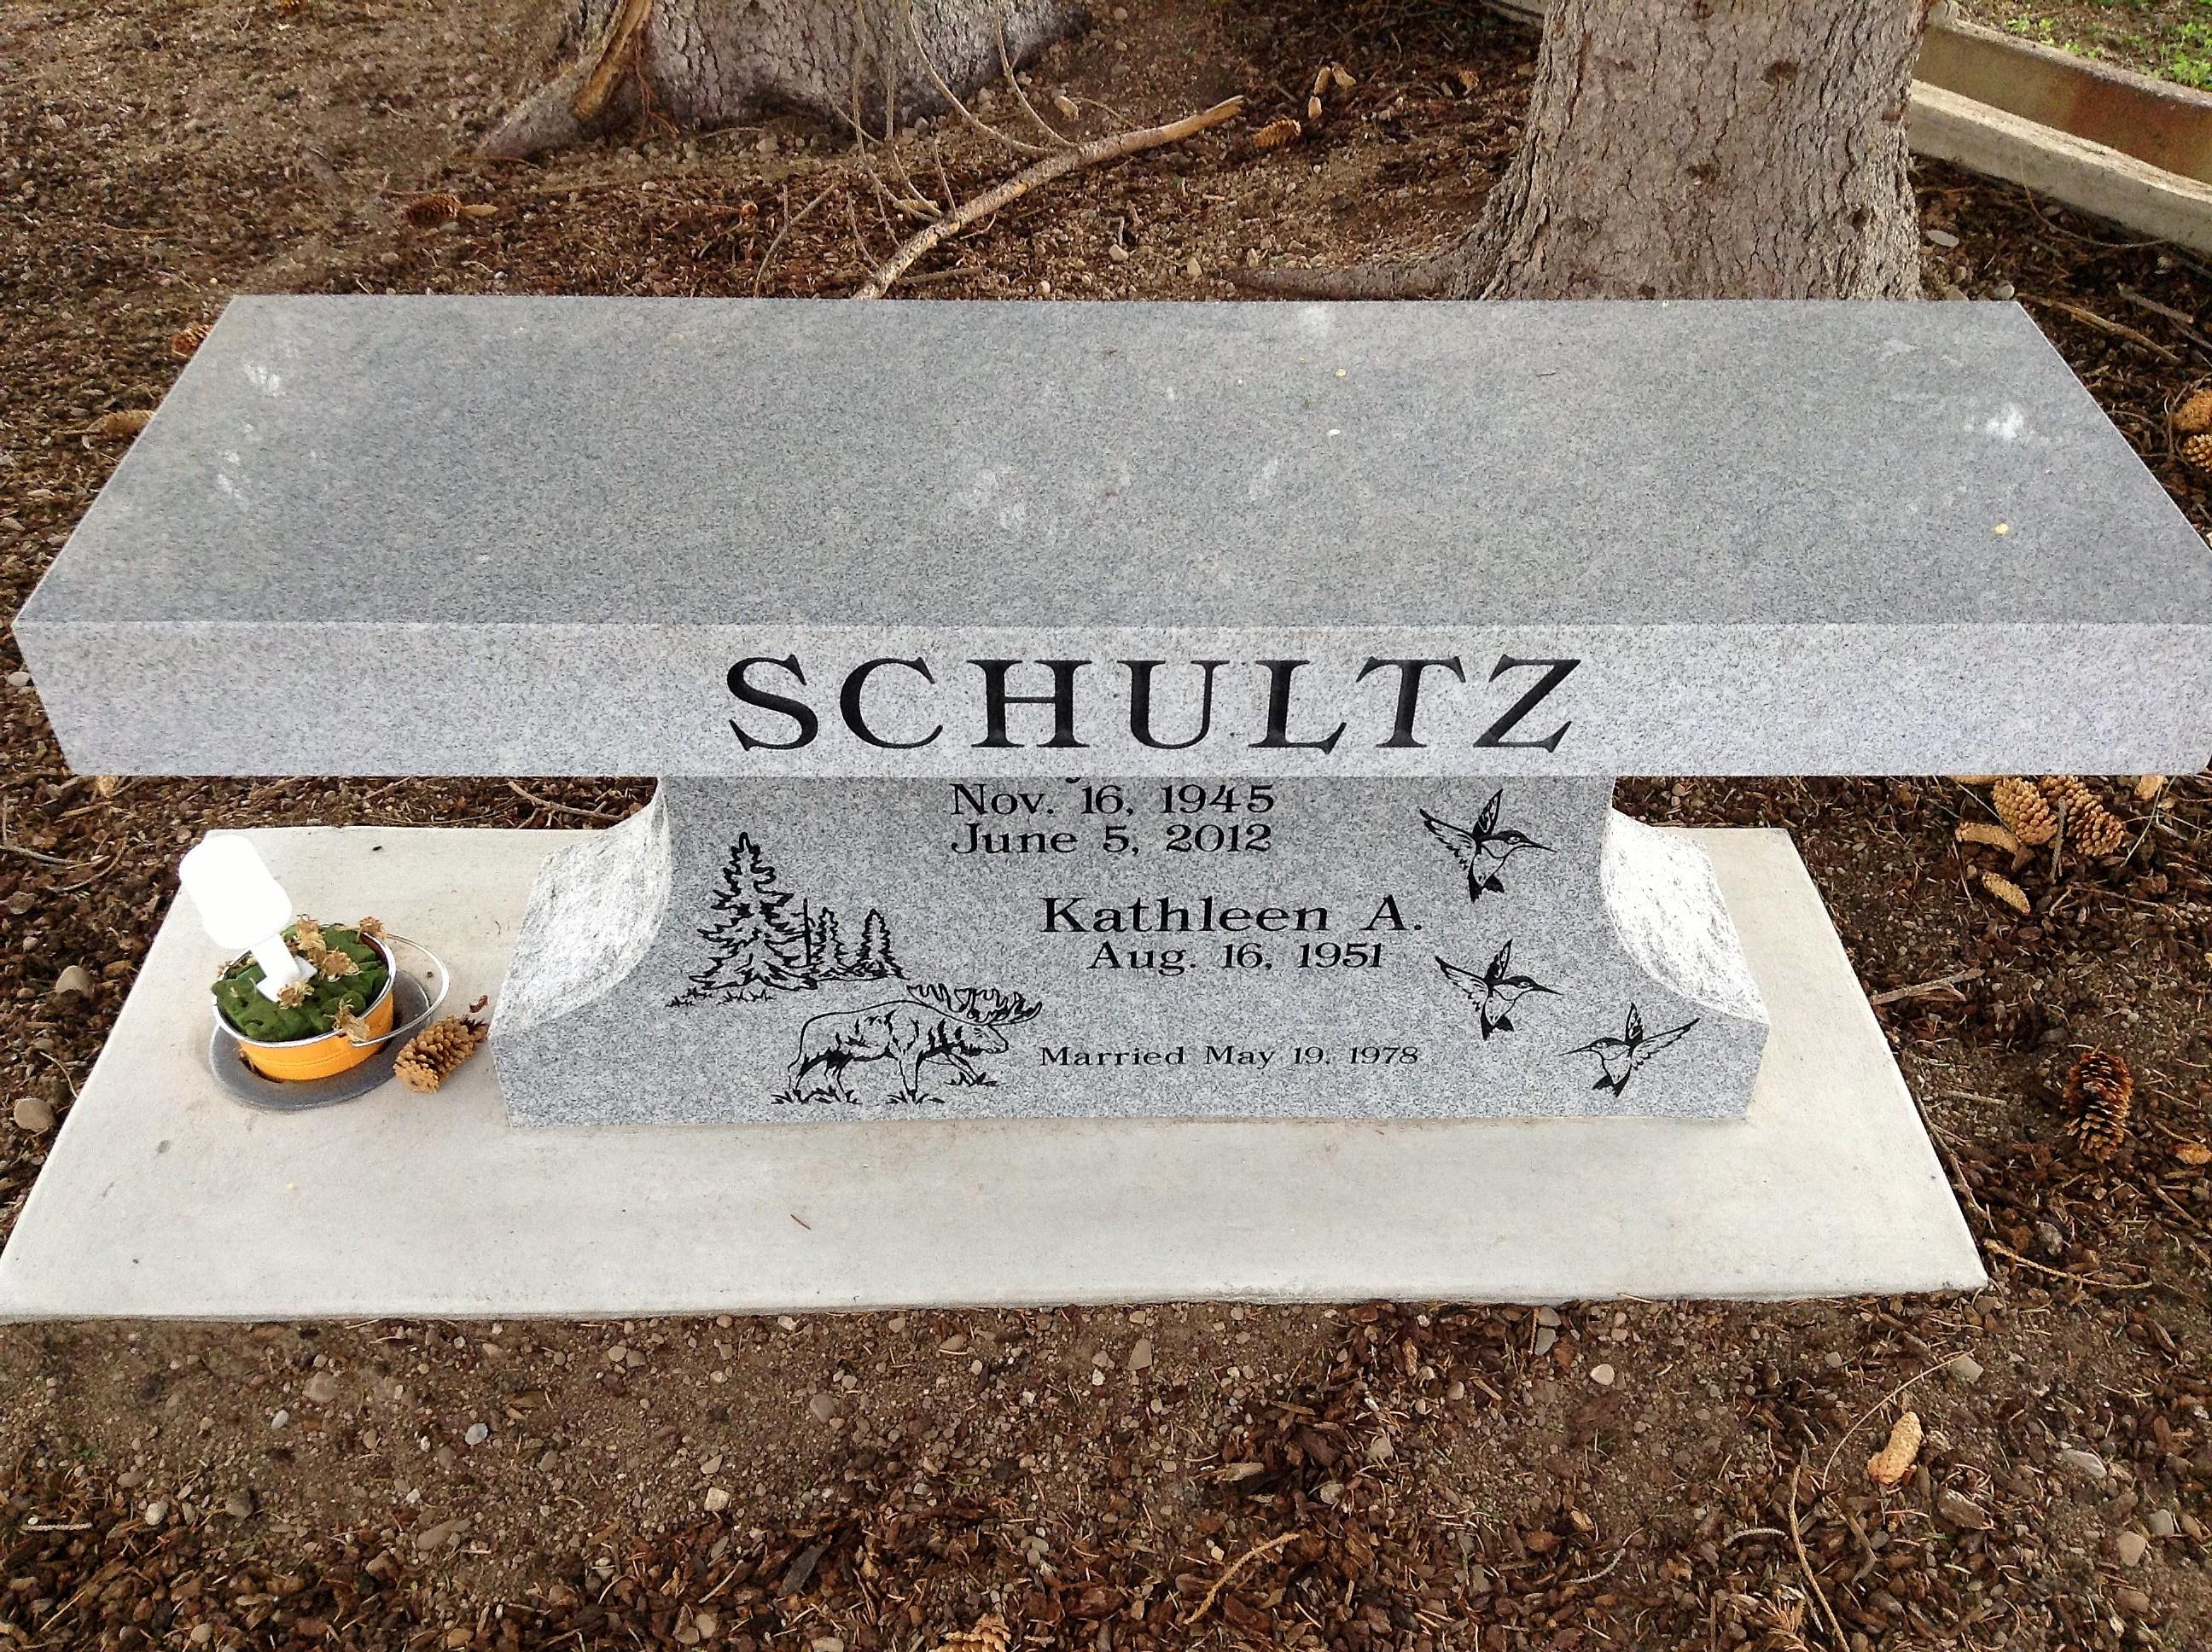 https://0201.nccdn.net/1_2/000/000/0ff/4cc/21354-Schultz-2592x1936.jpg